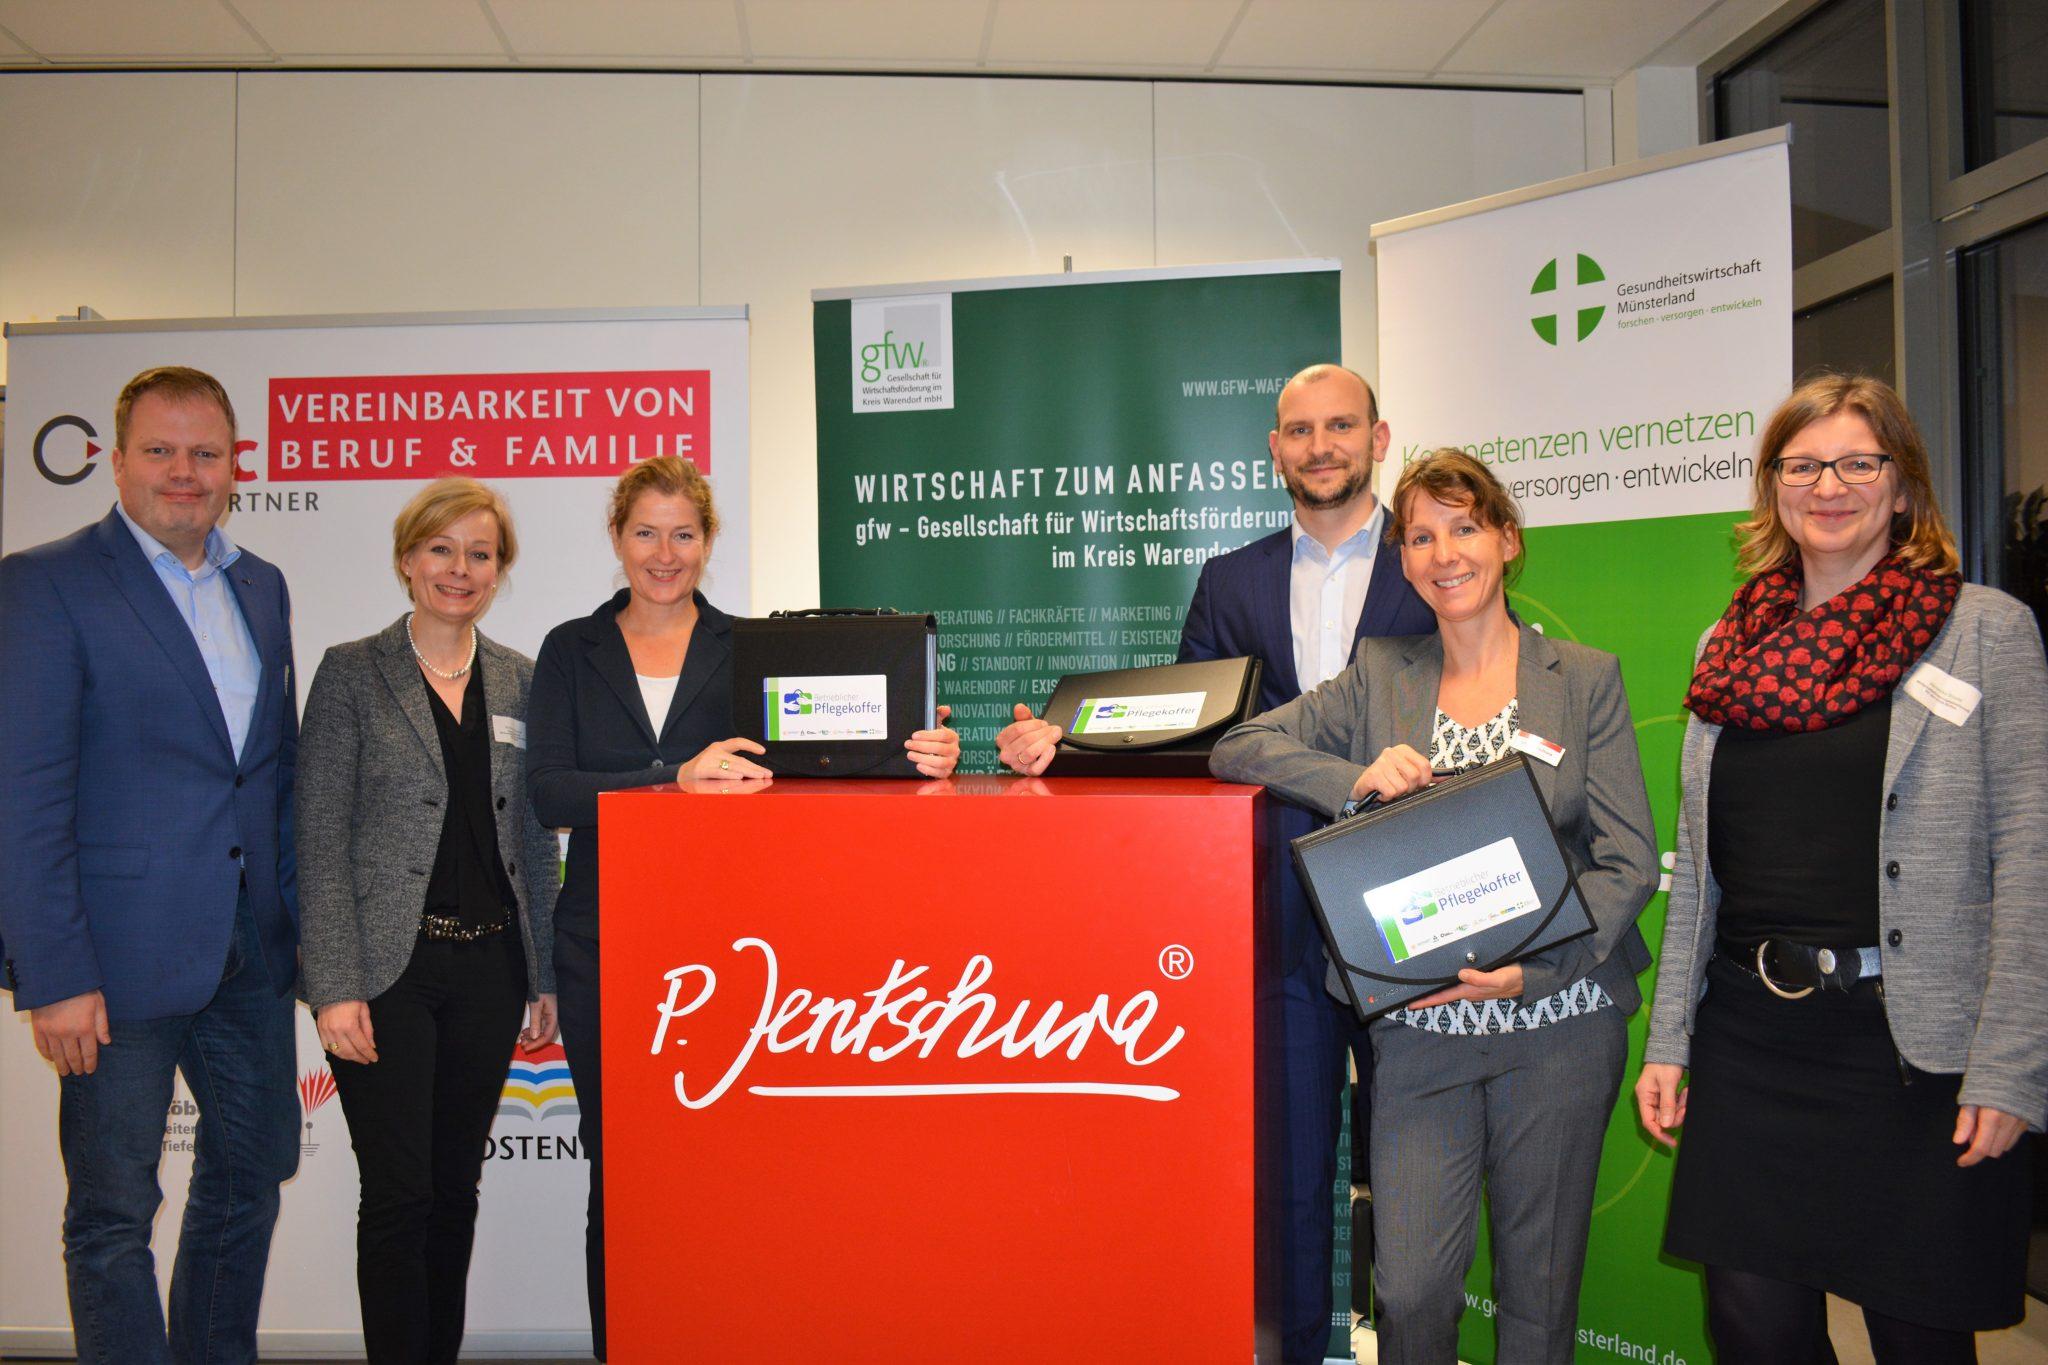 """5. Netzwerktreffen """"Vereinbarkeit von Pflege und Arbeit im Münsterland"""" stellt Neuauflage des betrieblichen Pflegekoffers vor"""